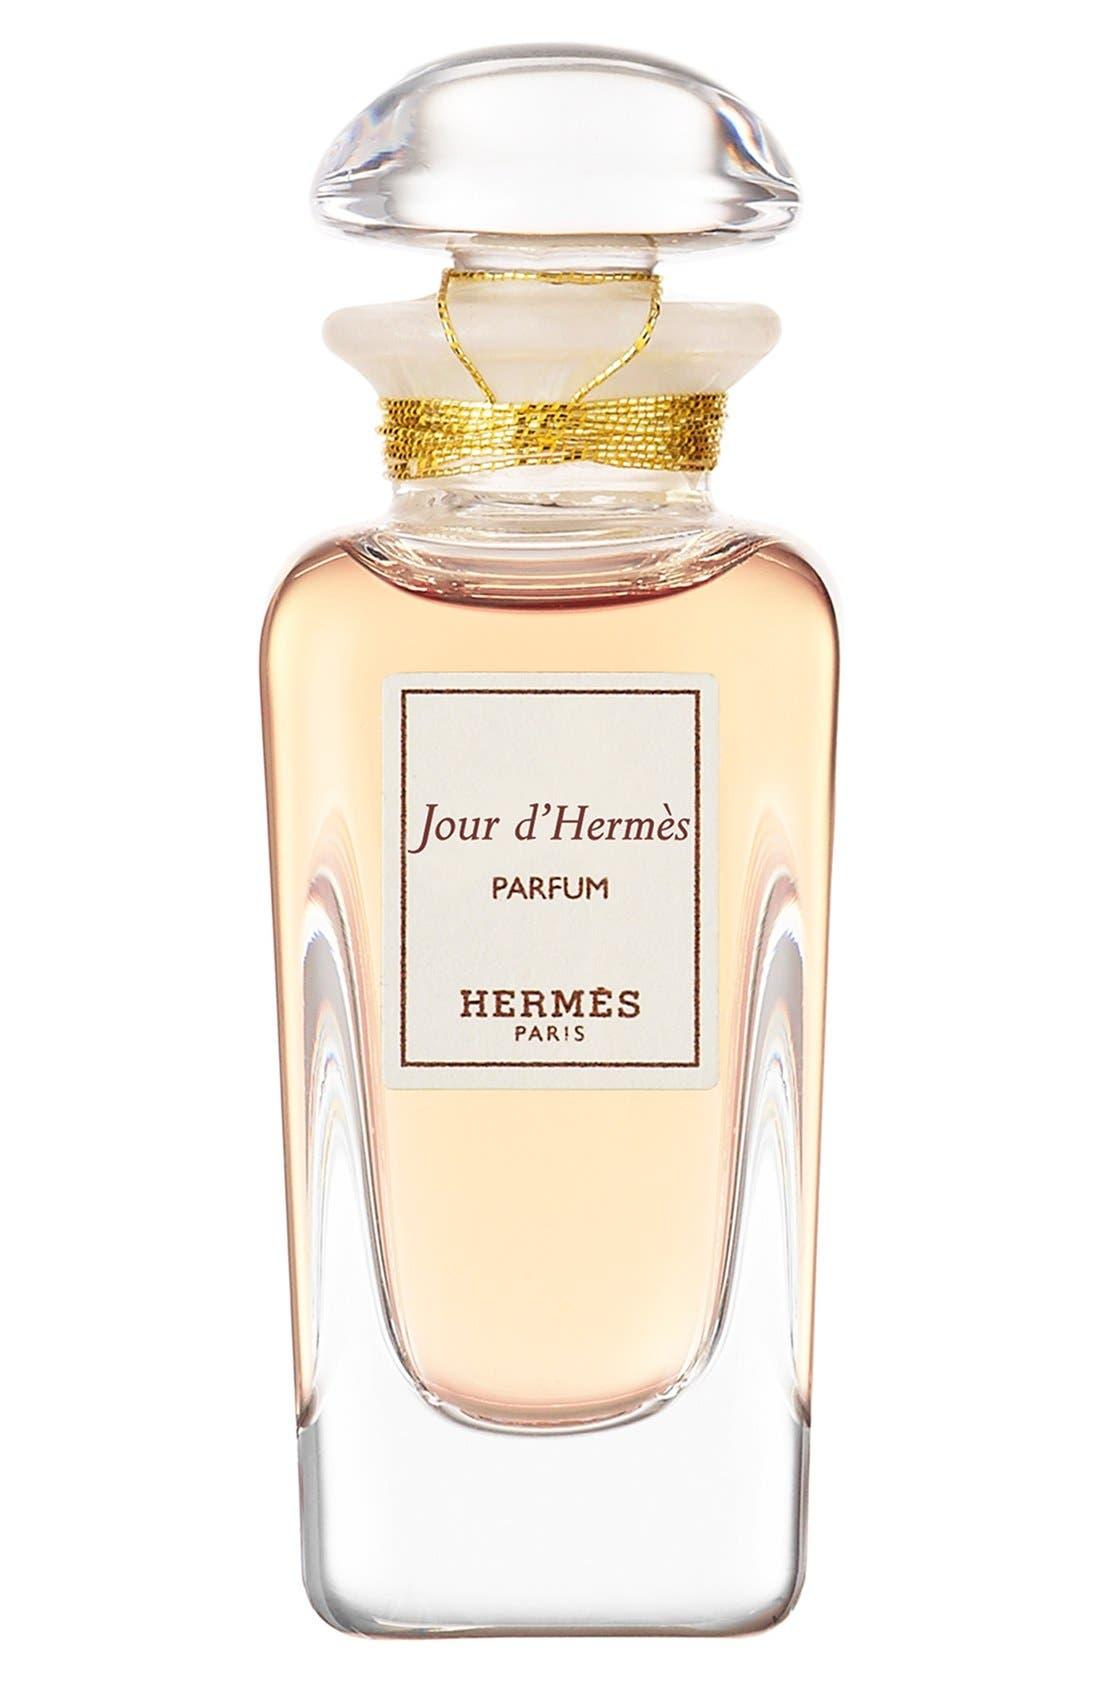 Hermès Jour d'Hermès - Pure perfume,                         Main,                         color, 000